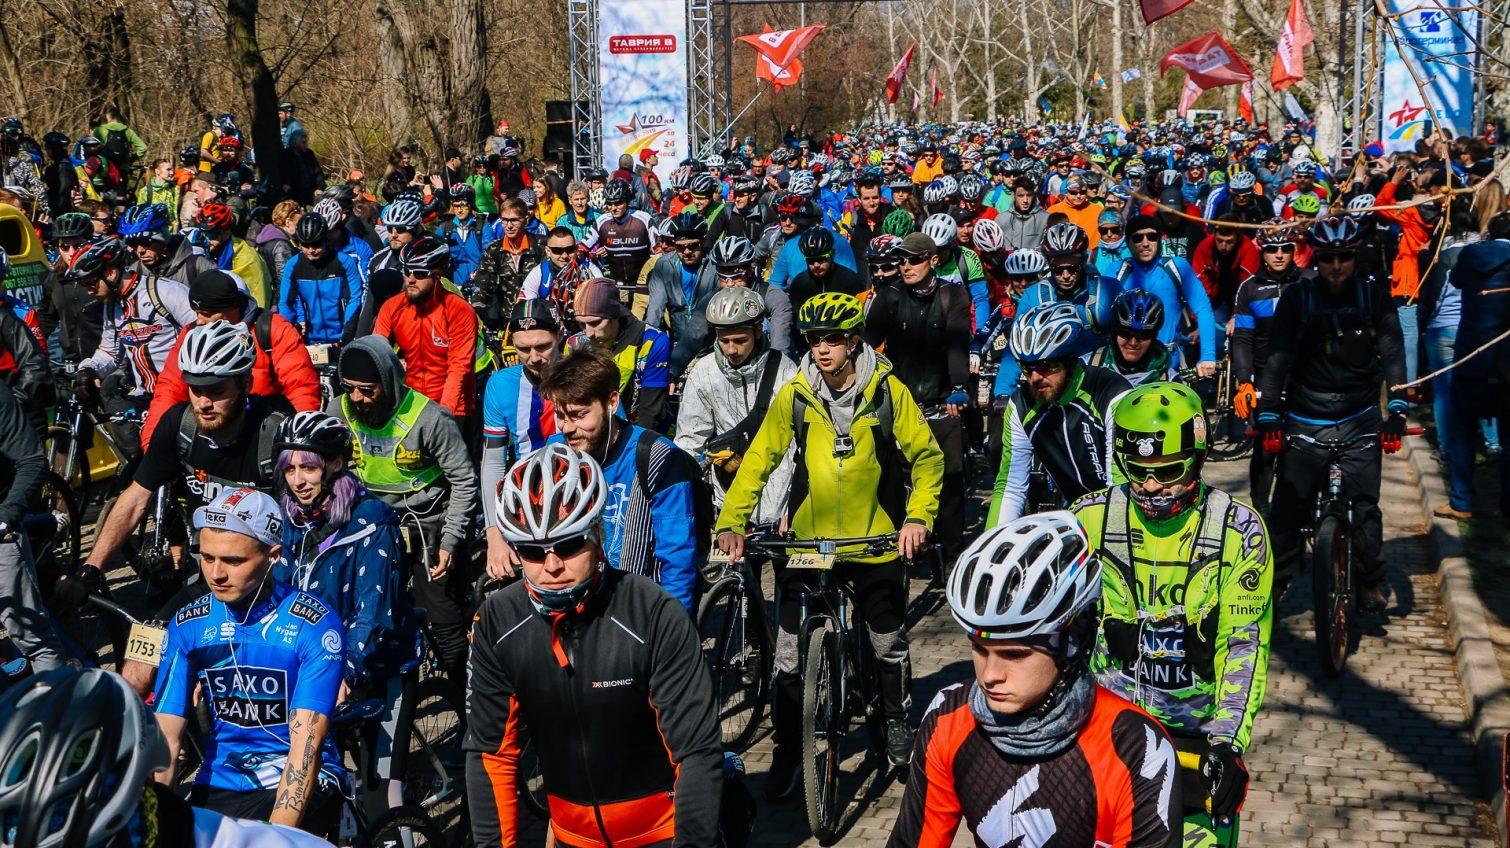 В Одессе стартовала Сотка-2019: более 2 тысяч человек проедут по Поясу Славы 100 километров (фото, видео) «фото»